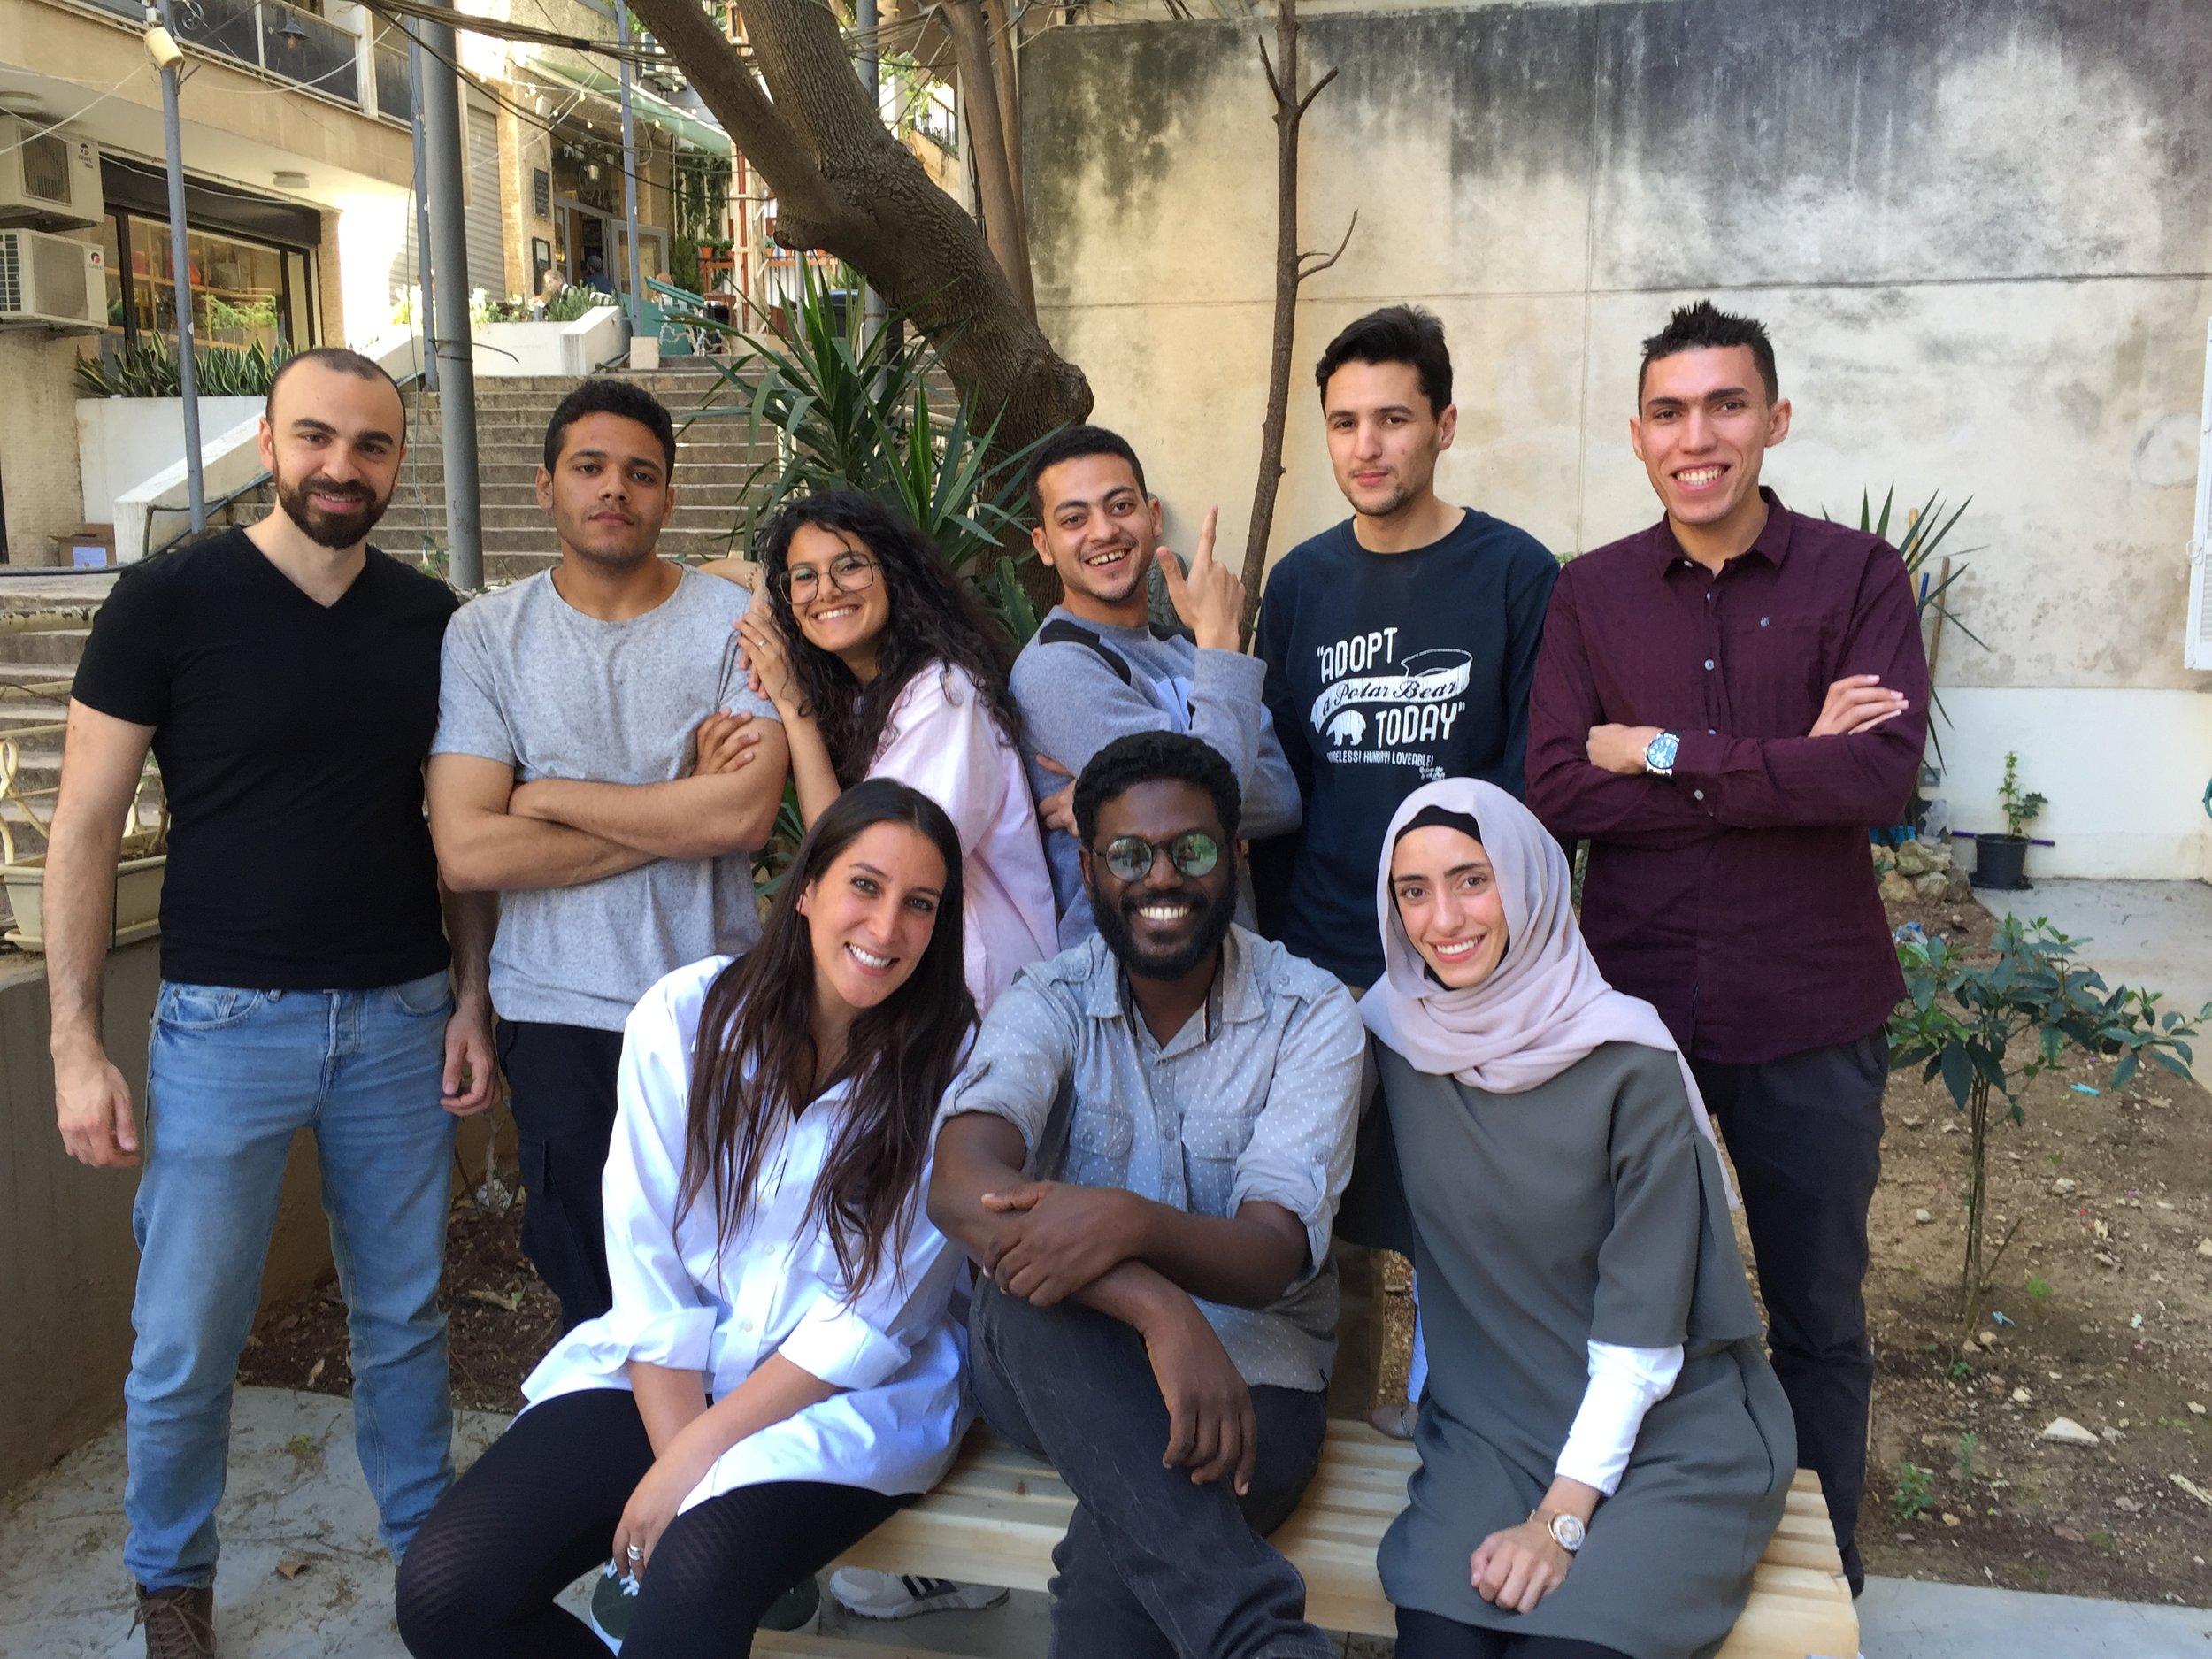 (left to right) Tarek Haddad, Ahmed Gaber, Btihal Remli, Mohamed Mahdy,Fethi Sahraoui,Hesham Elsherif (front)Sima Ajlyakin, Mohamed Altoum, Rawan Mazeh